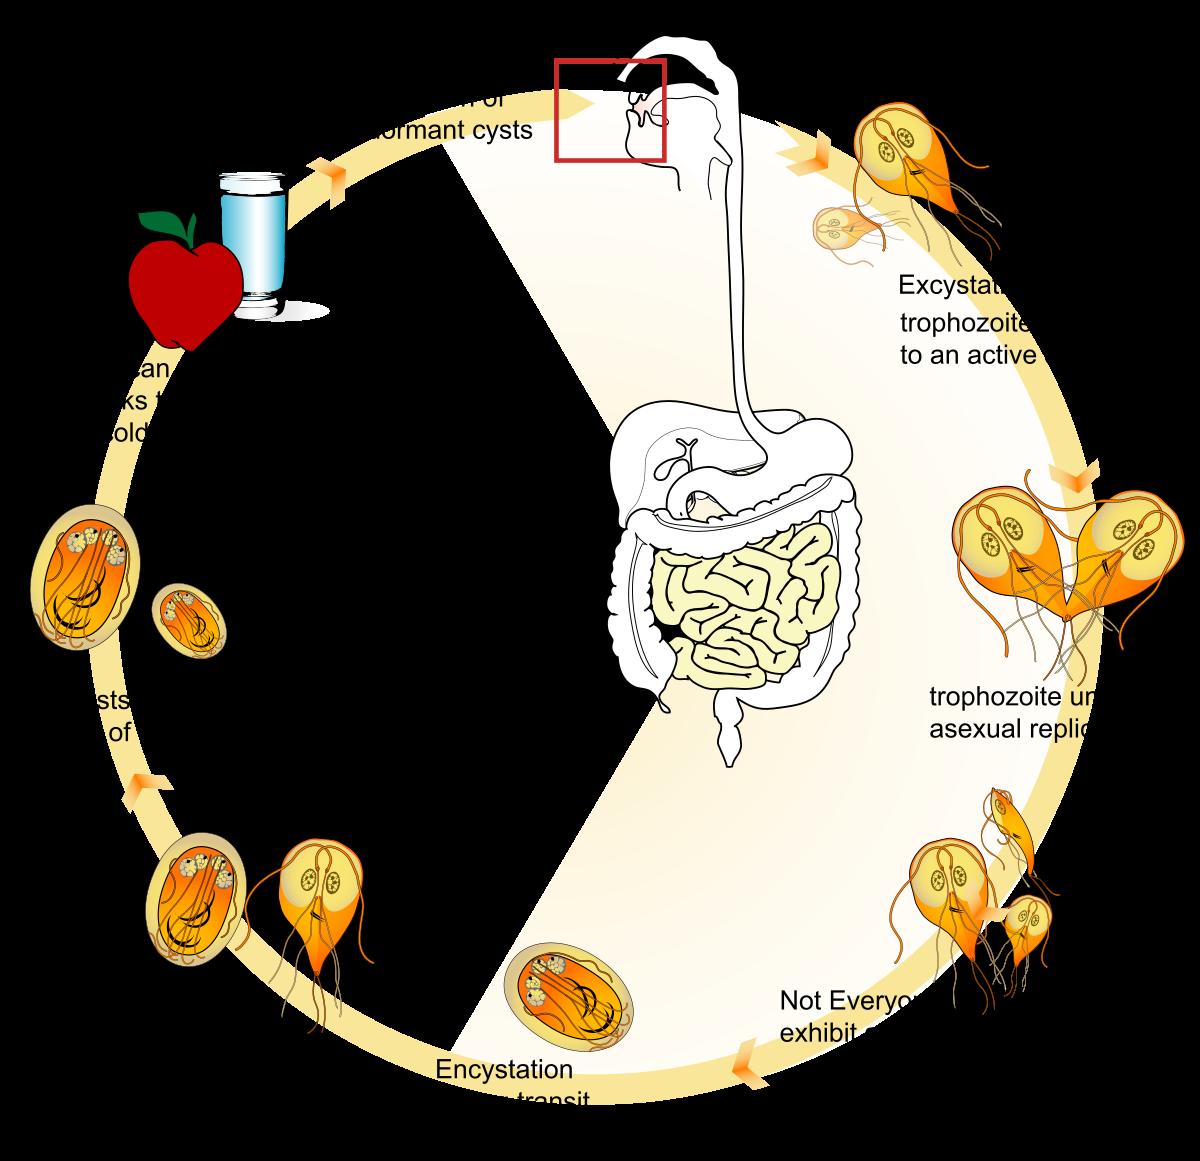 trichopolum giardiasissal felnőttekben gyógyszerek a bőr alatti parazitákhoz